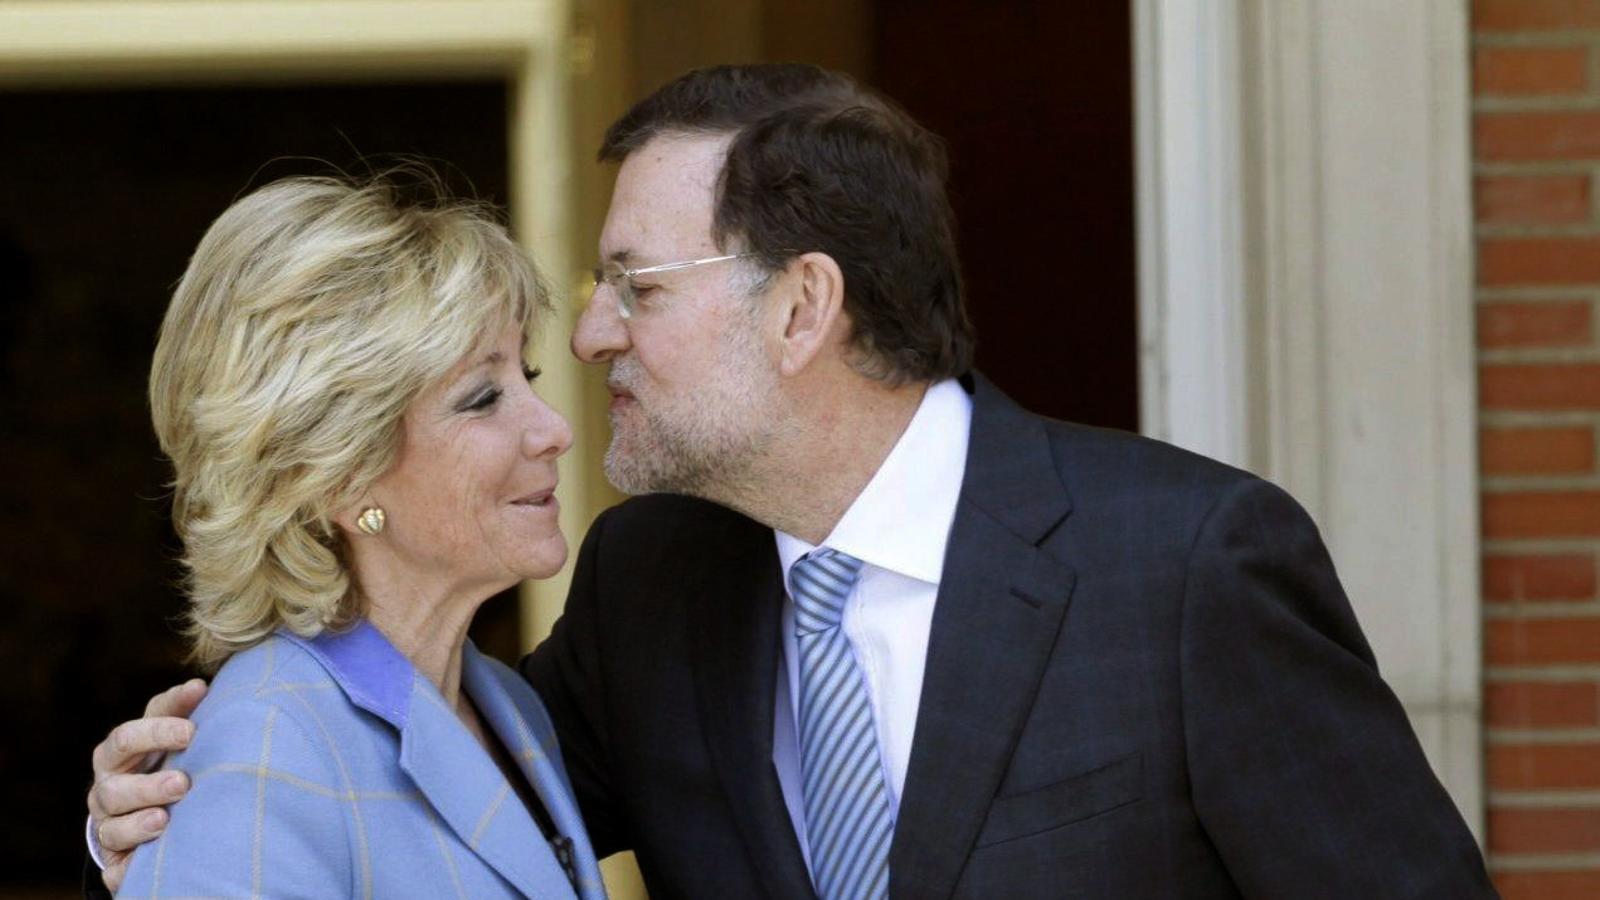 ESPANYA I LLIBERTAT  Són els dos pilars que repeteix sovint Aguirre per definir la seva política. L'espanyolitat queda clara en les polseres que llueix sempre.